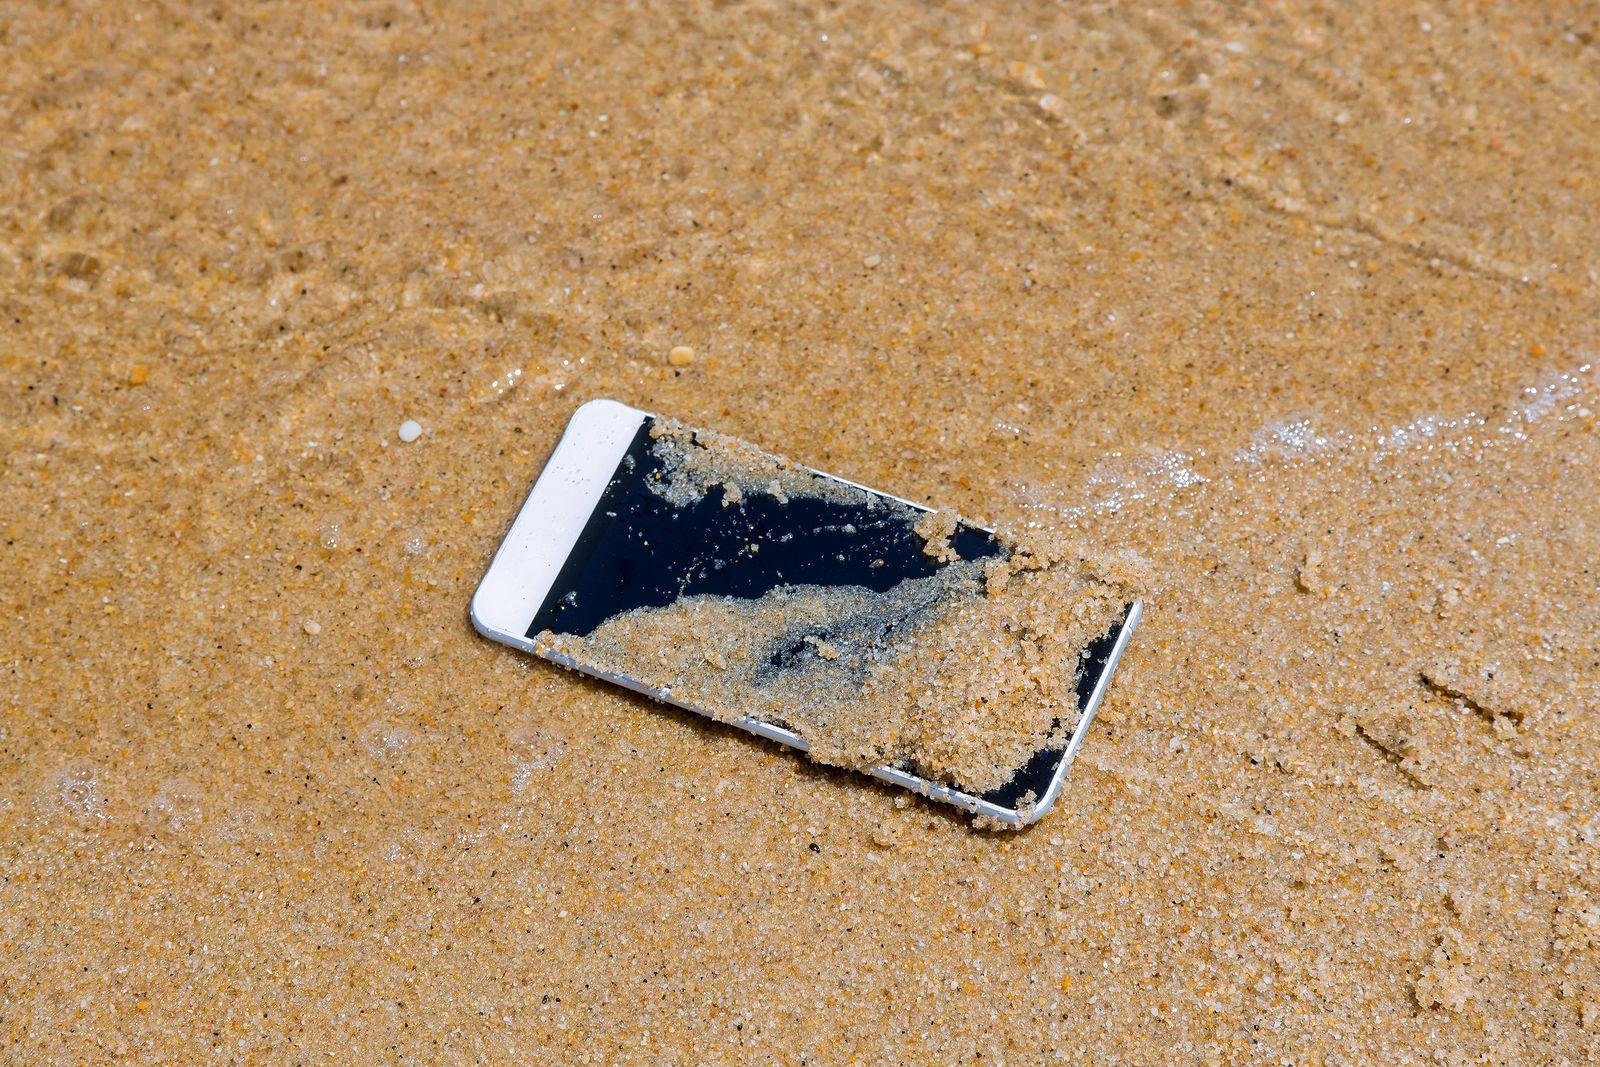 deb349c6053 Te damos los motivos por los que llevar el móvil a la playa no siempre es